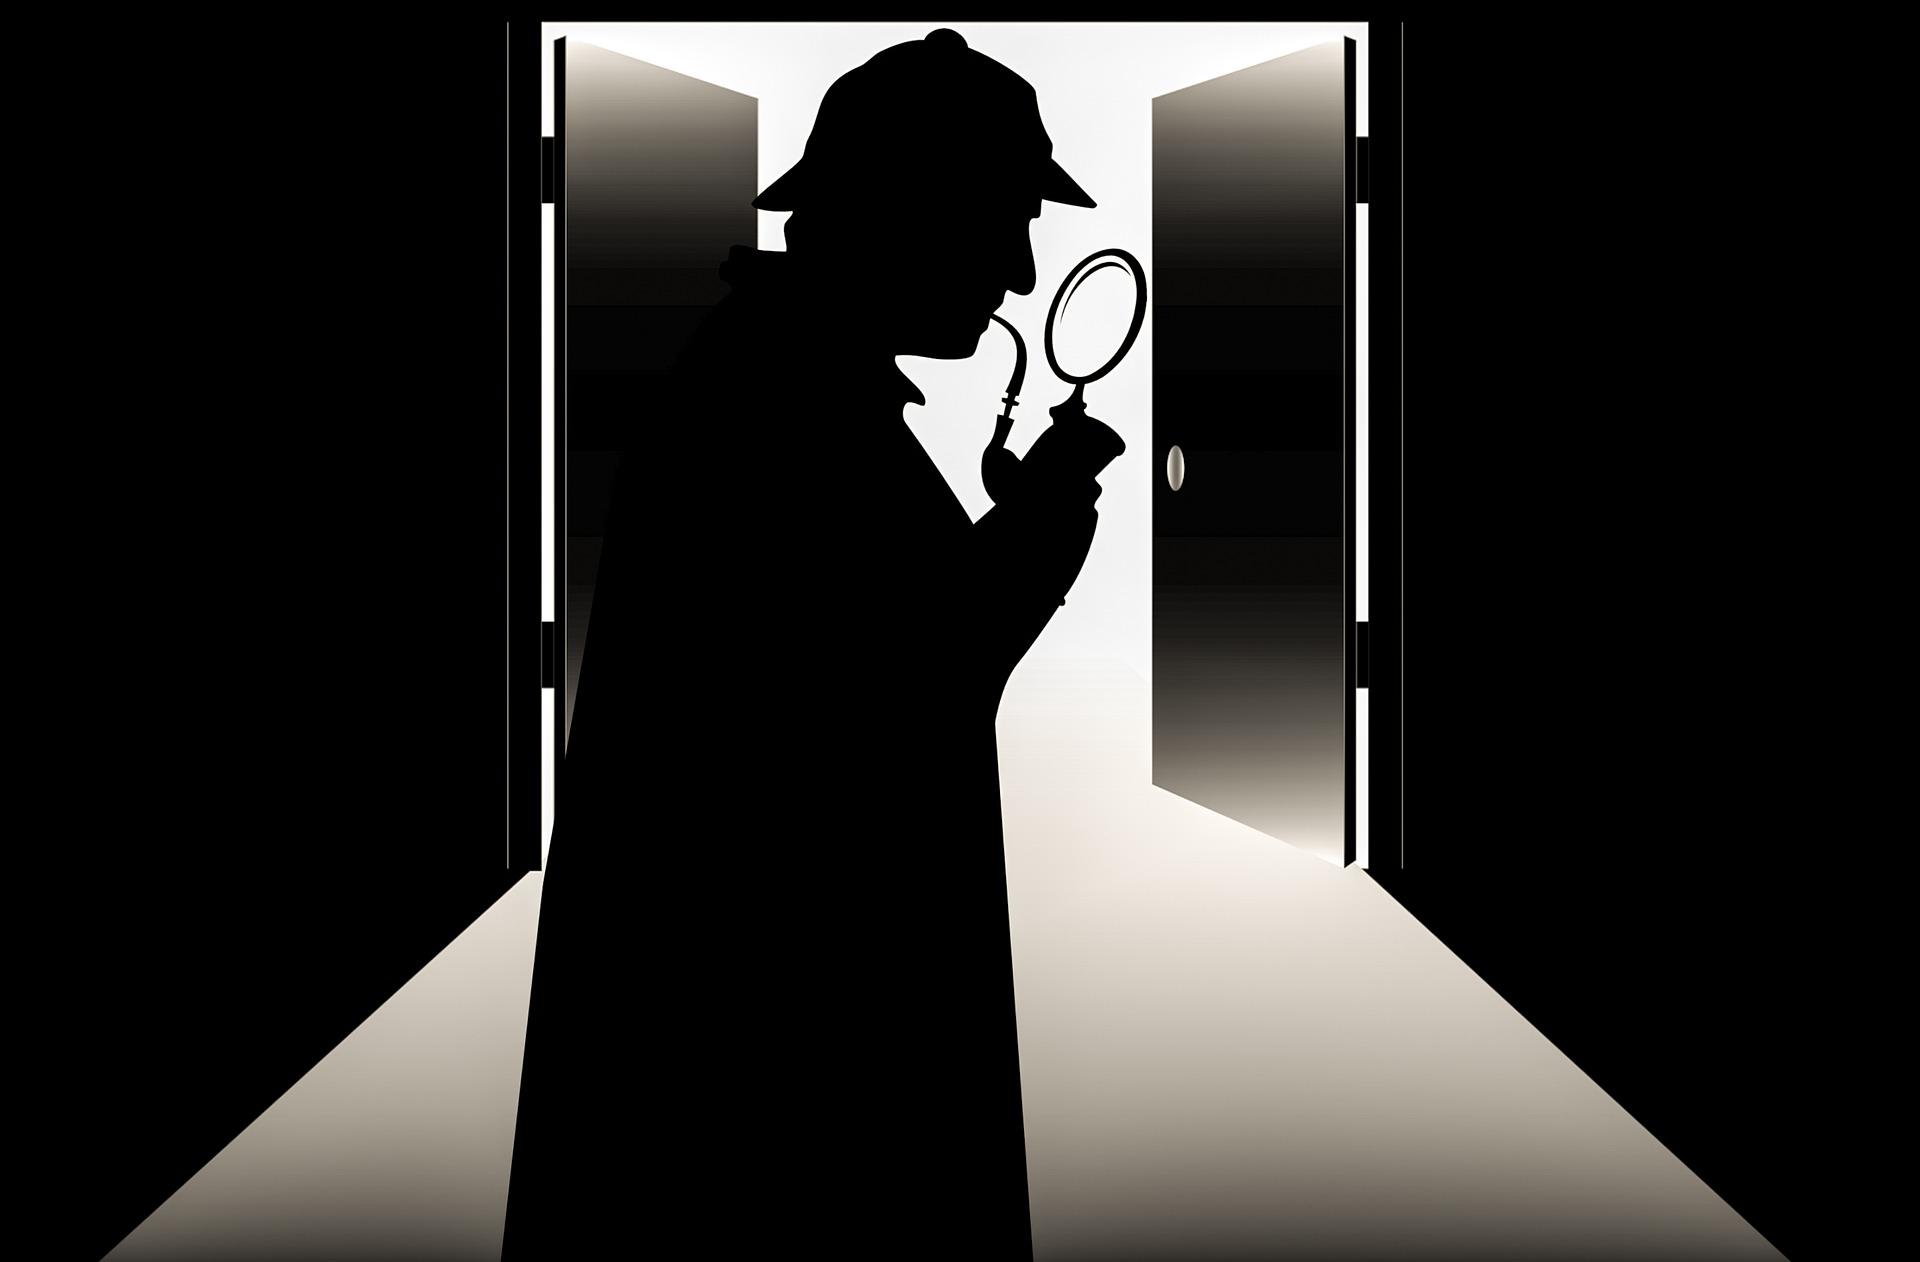 シャーロック・ホームズを題材にしている作品紹介ページの画像